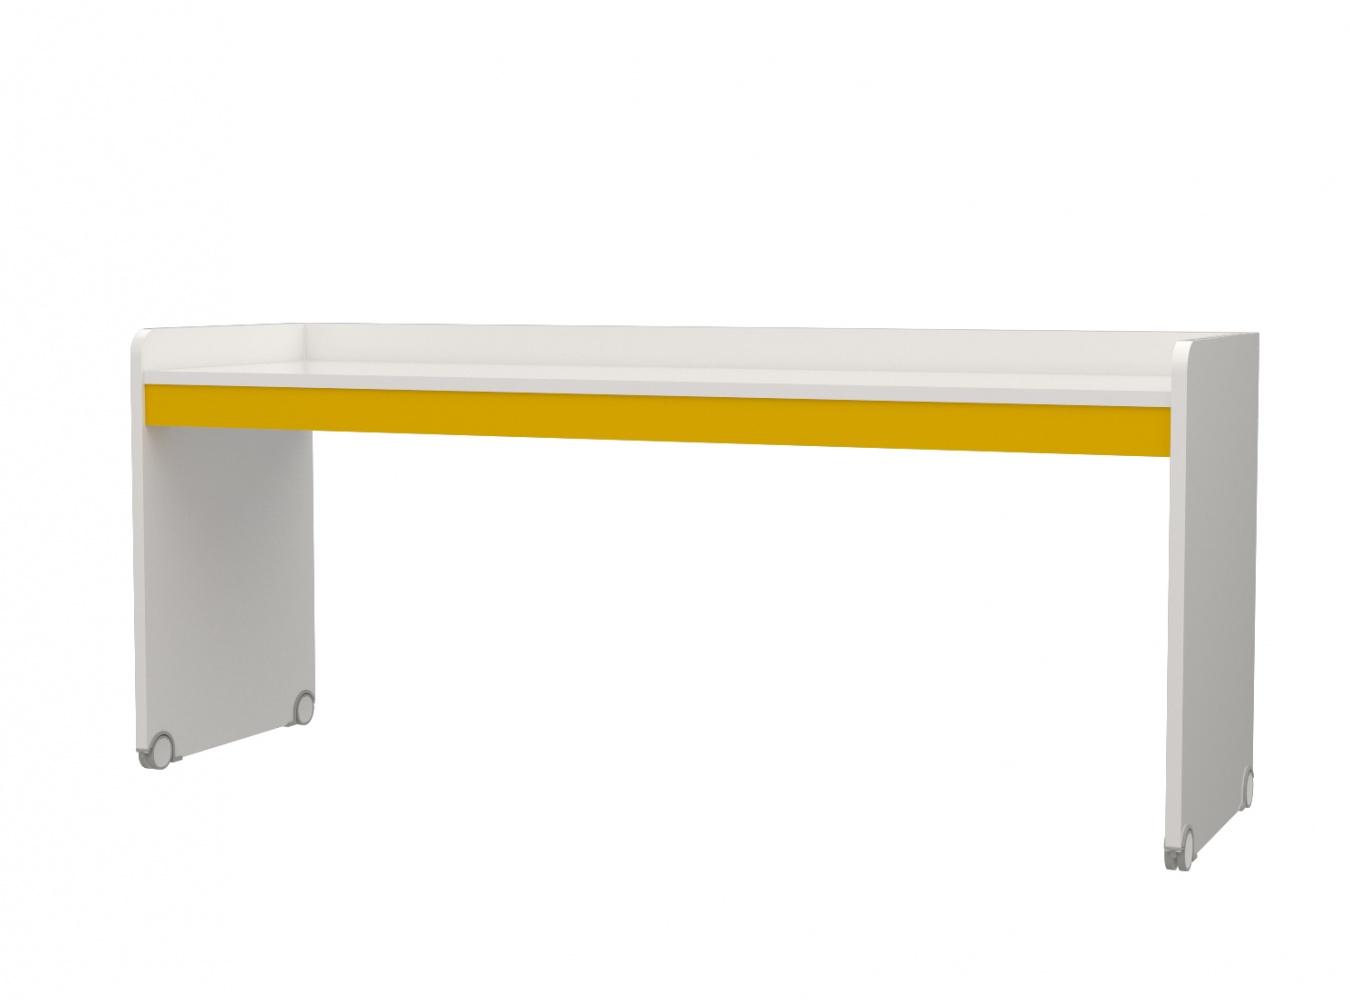 Almilas Jugend Schreibtisch in Weiß Gelb Neos